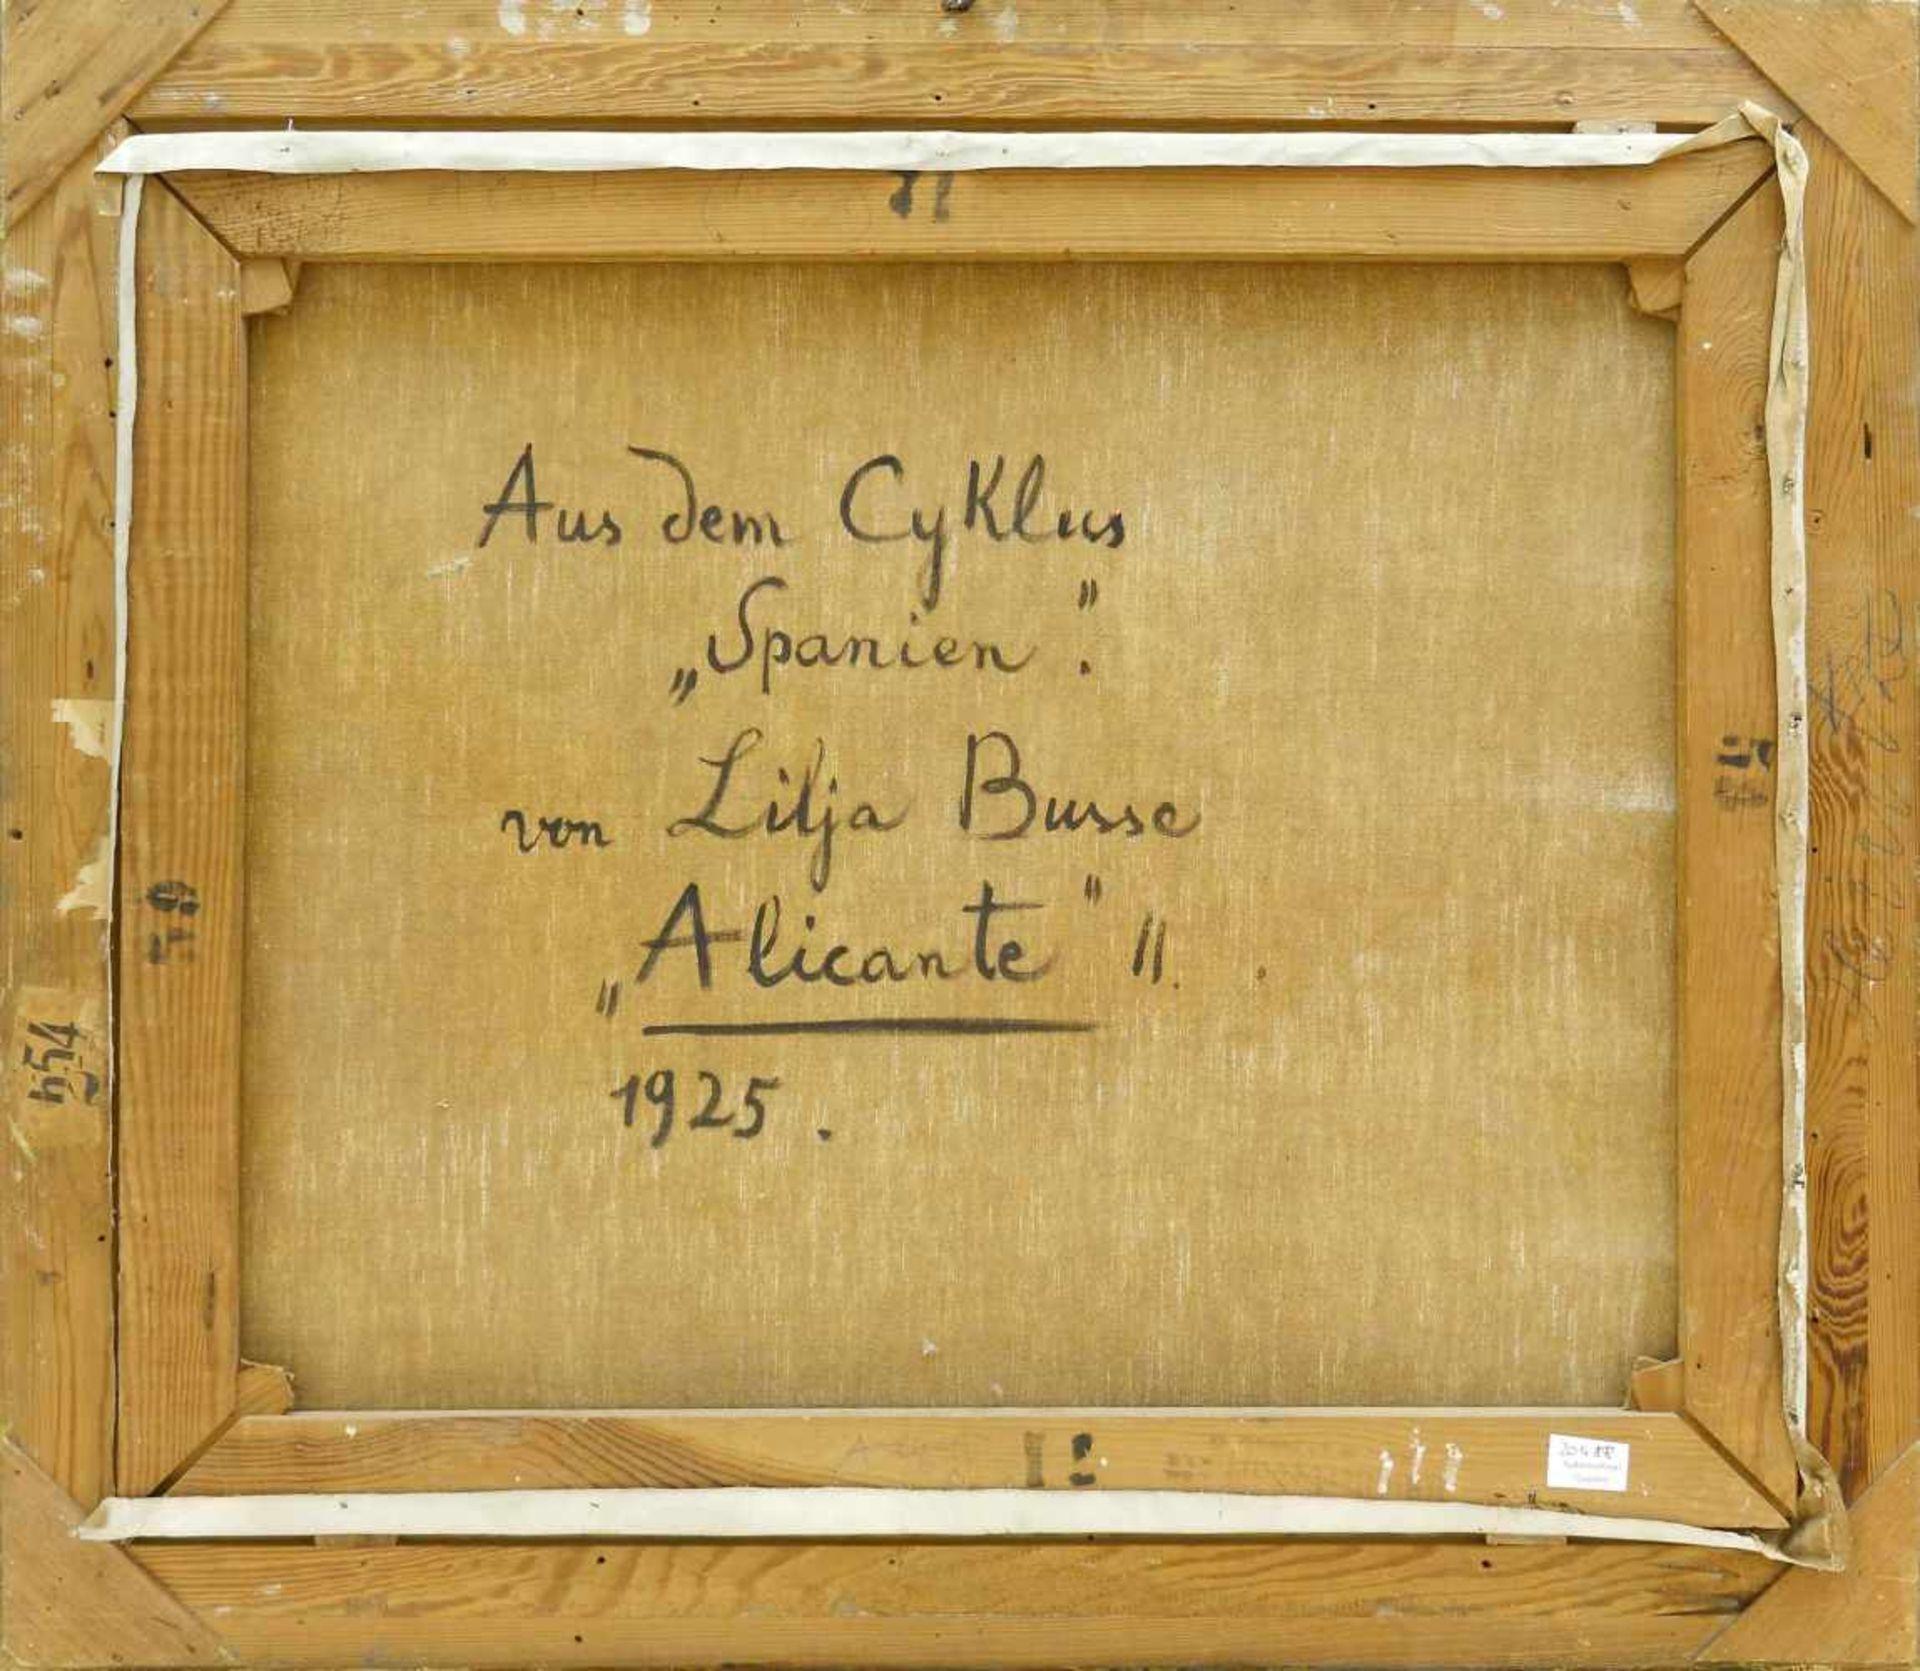 """Busse, Lilja (1897 Moskau - 1958 Berlin)Alicante. 1925. Aus dem Zyklus """"Spanien"""". Öl auf Leinwand. - Bild 3 aus 3"""